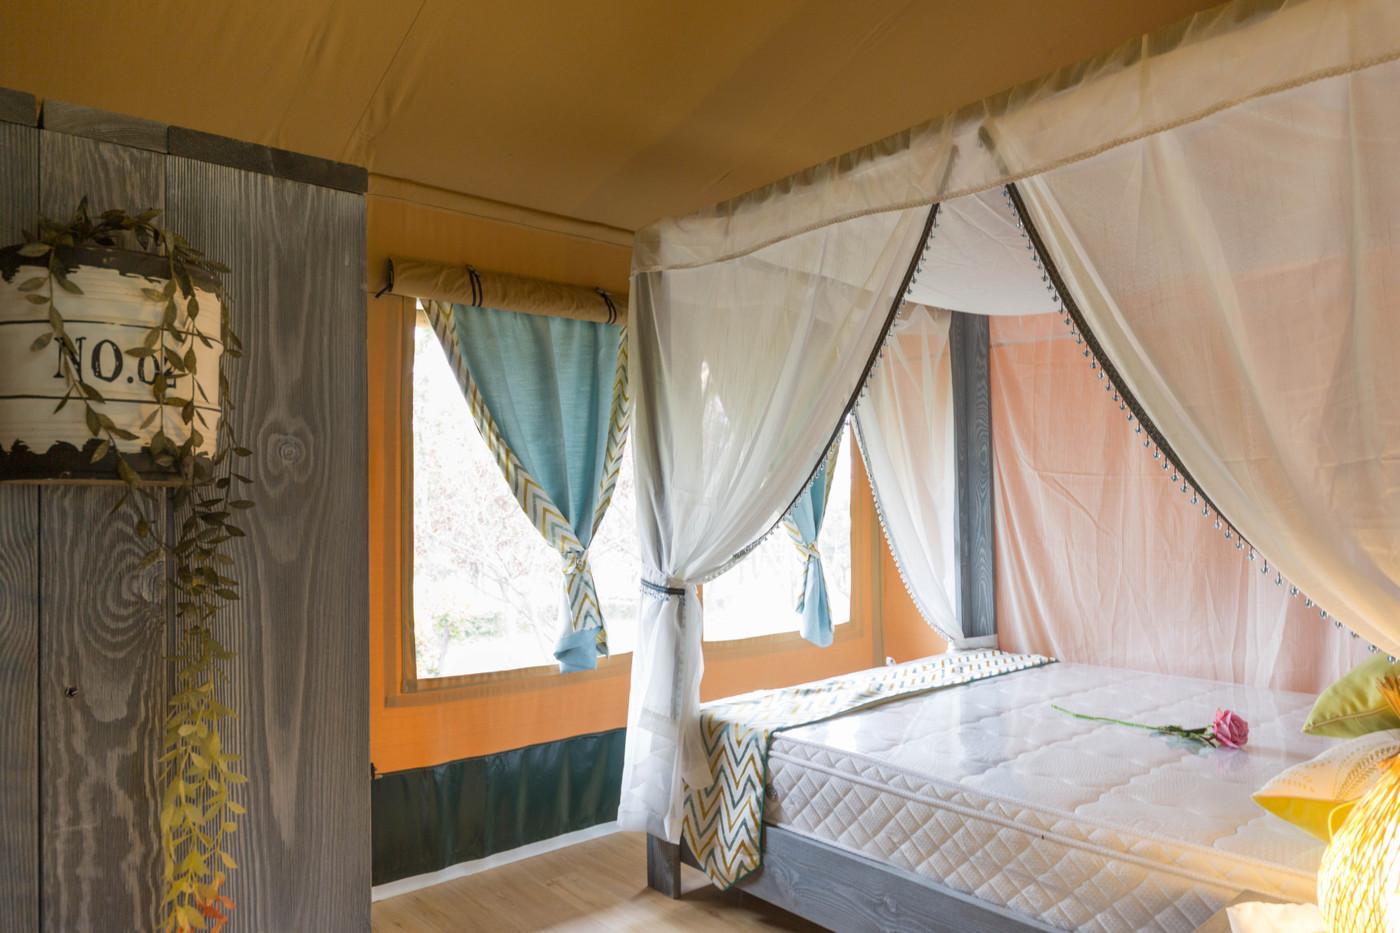 喜马拉雅野奢帐篷酒店—华山自驾游露营地(78平)24